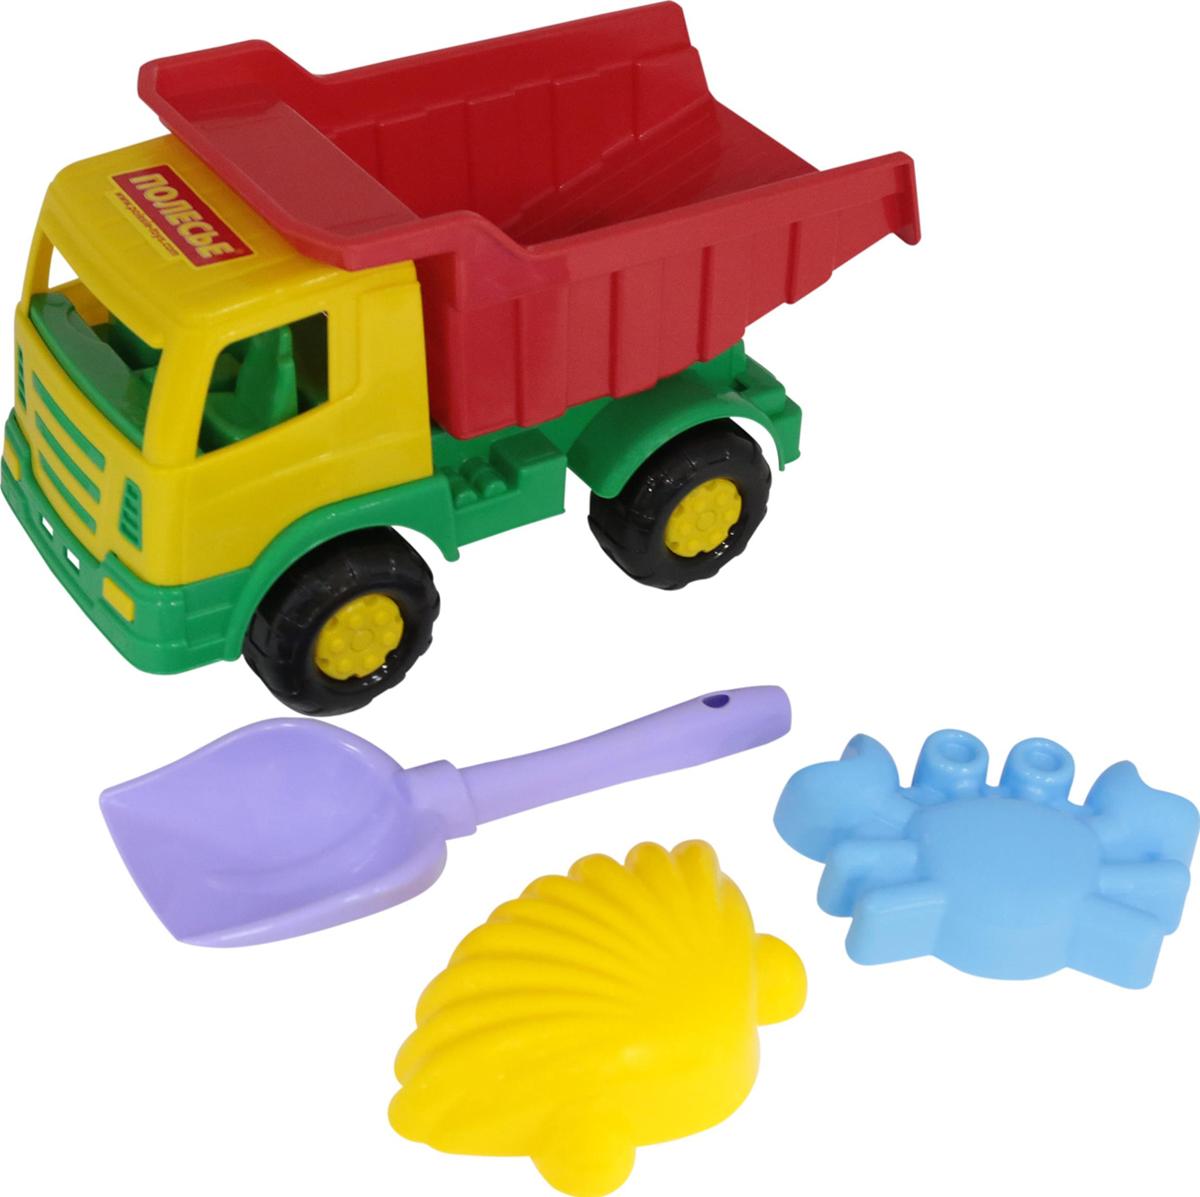 Полесье Набор игрушек для песочницы №369 Мираж полесье набор игрушек для песочницы 73